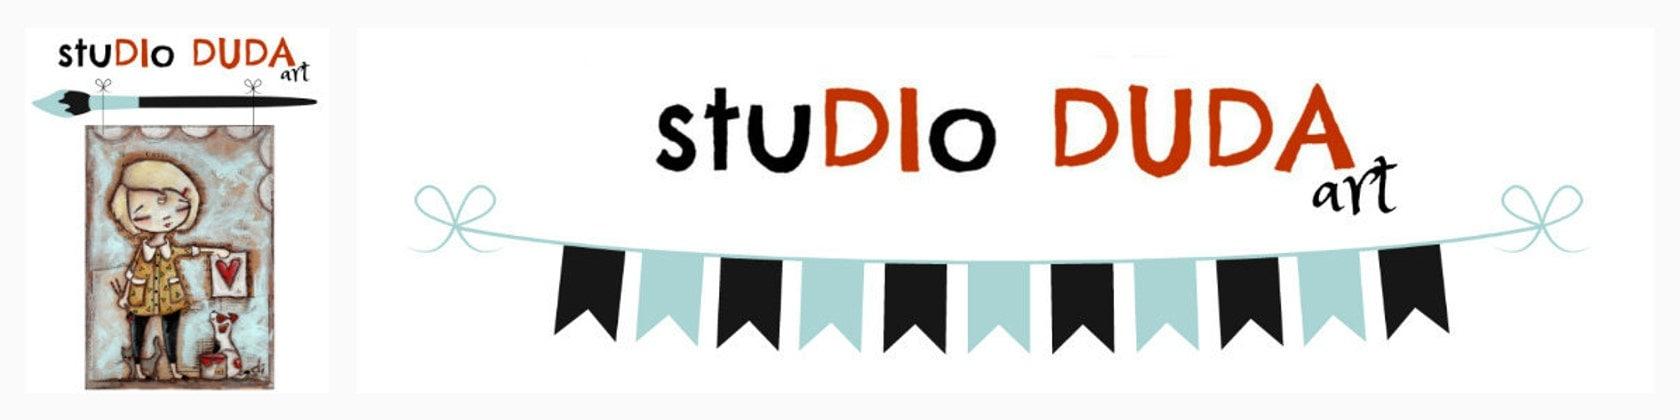 Studio Duda